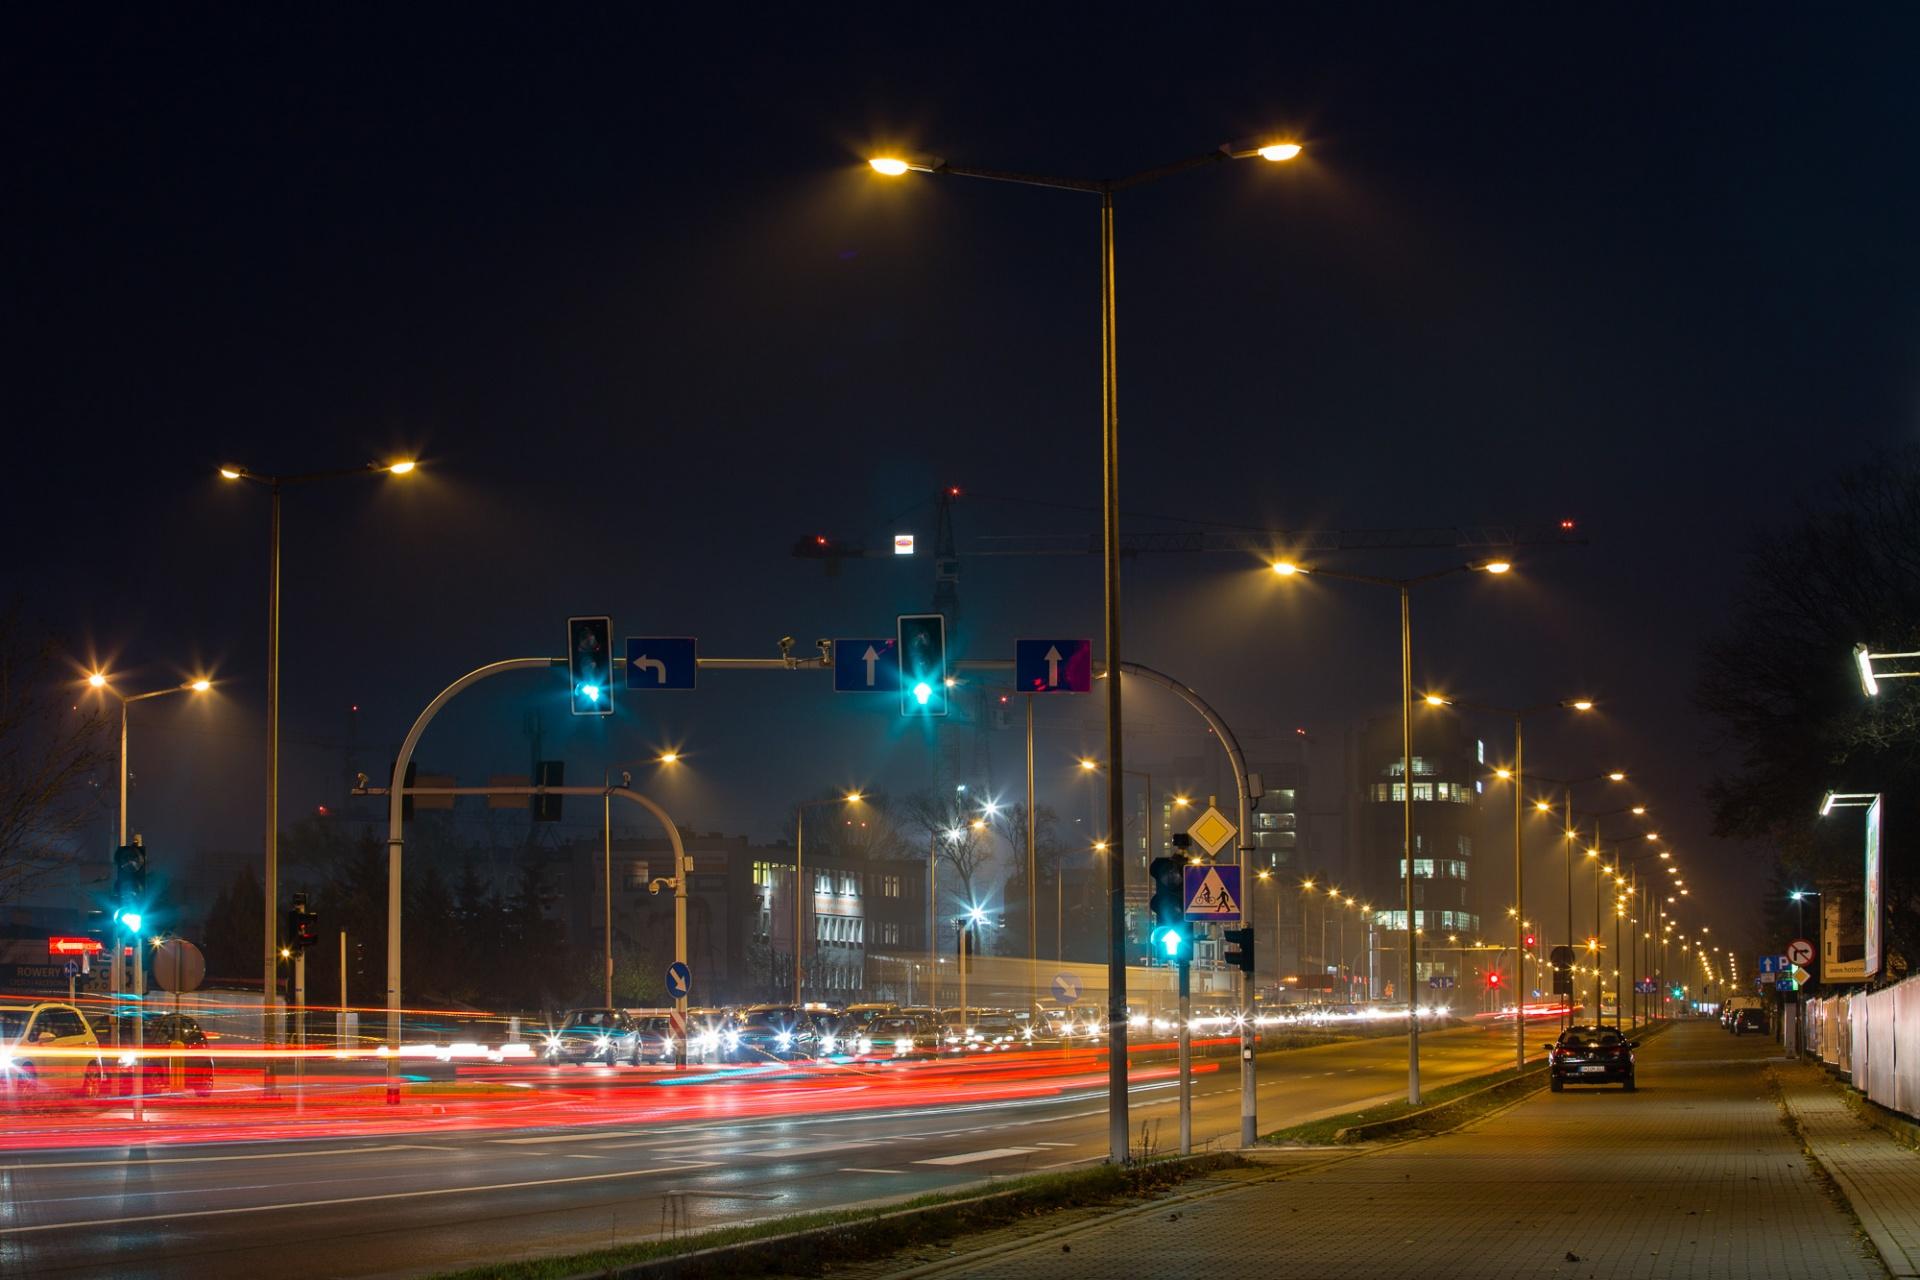 Liczniki czasu na sygnalizatorach świetlnych